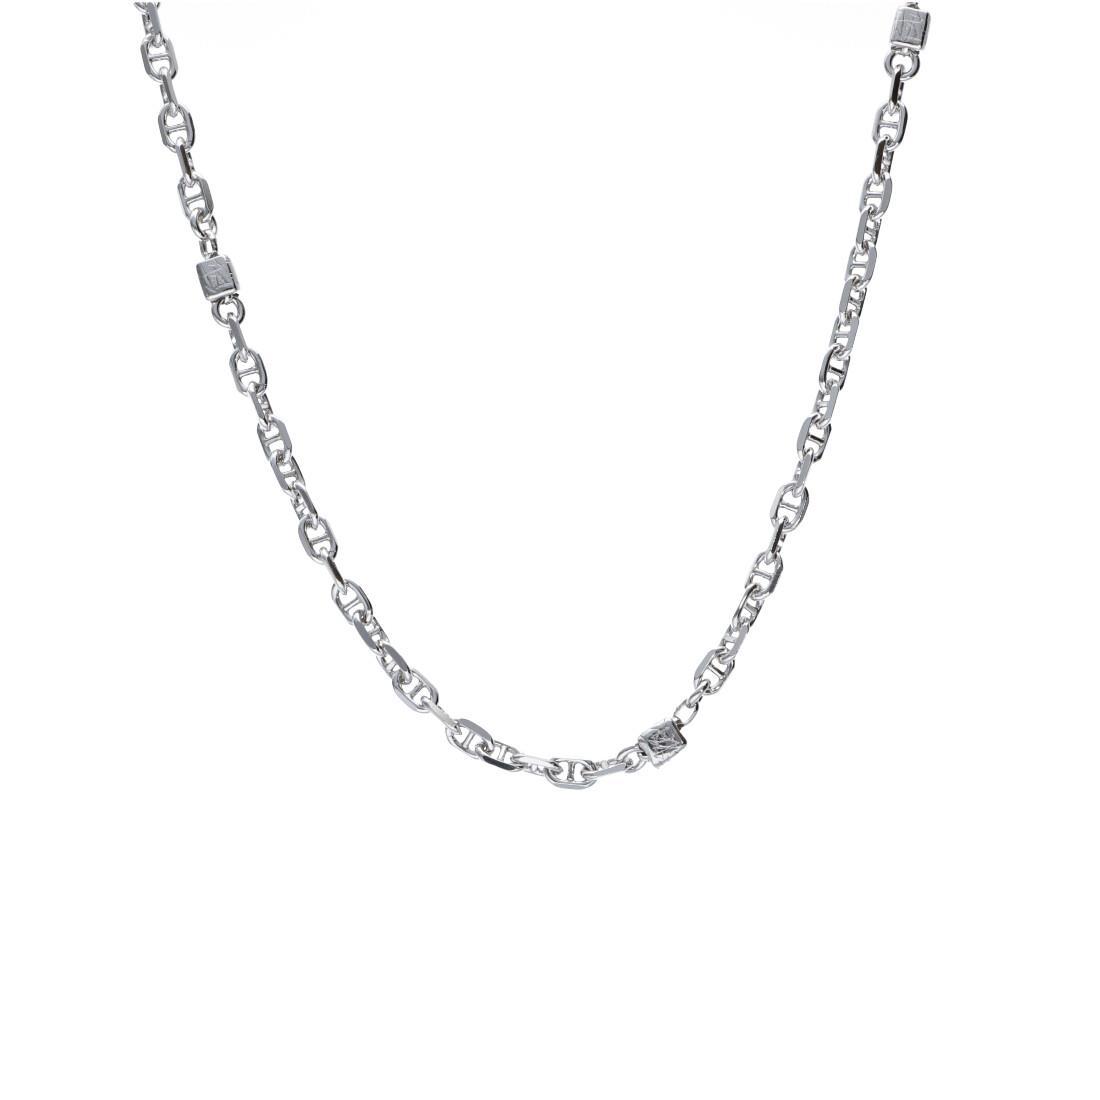 Collana uomo in argento 925  - ORO&CO